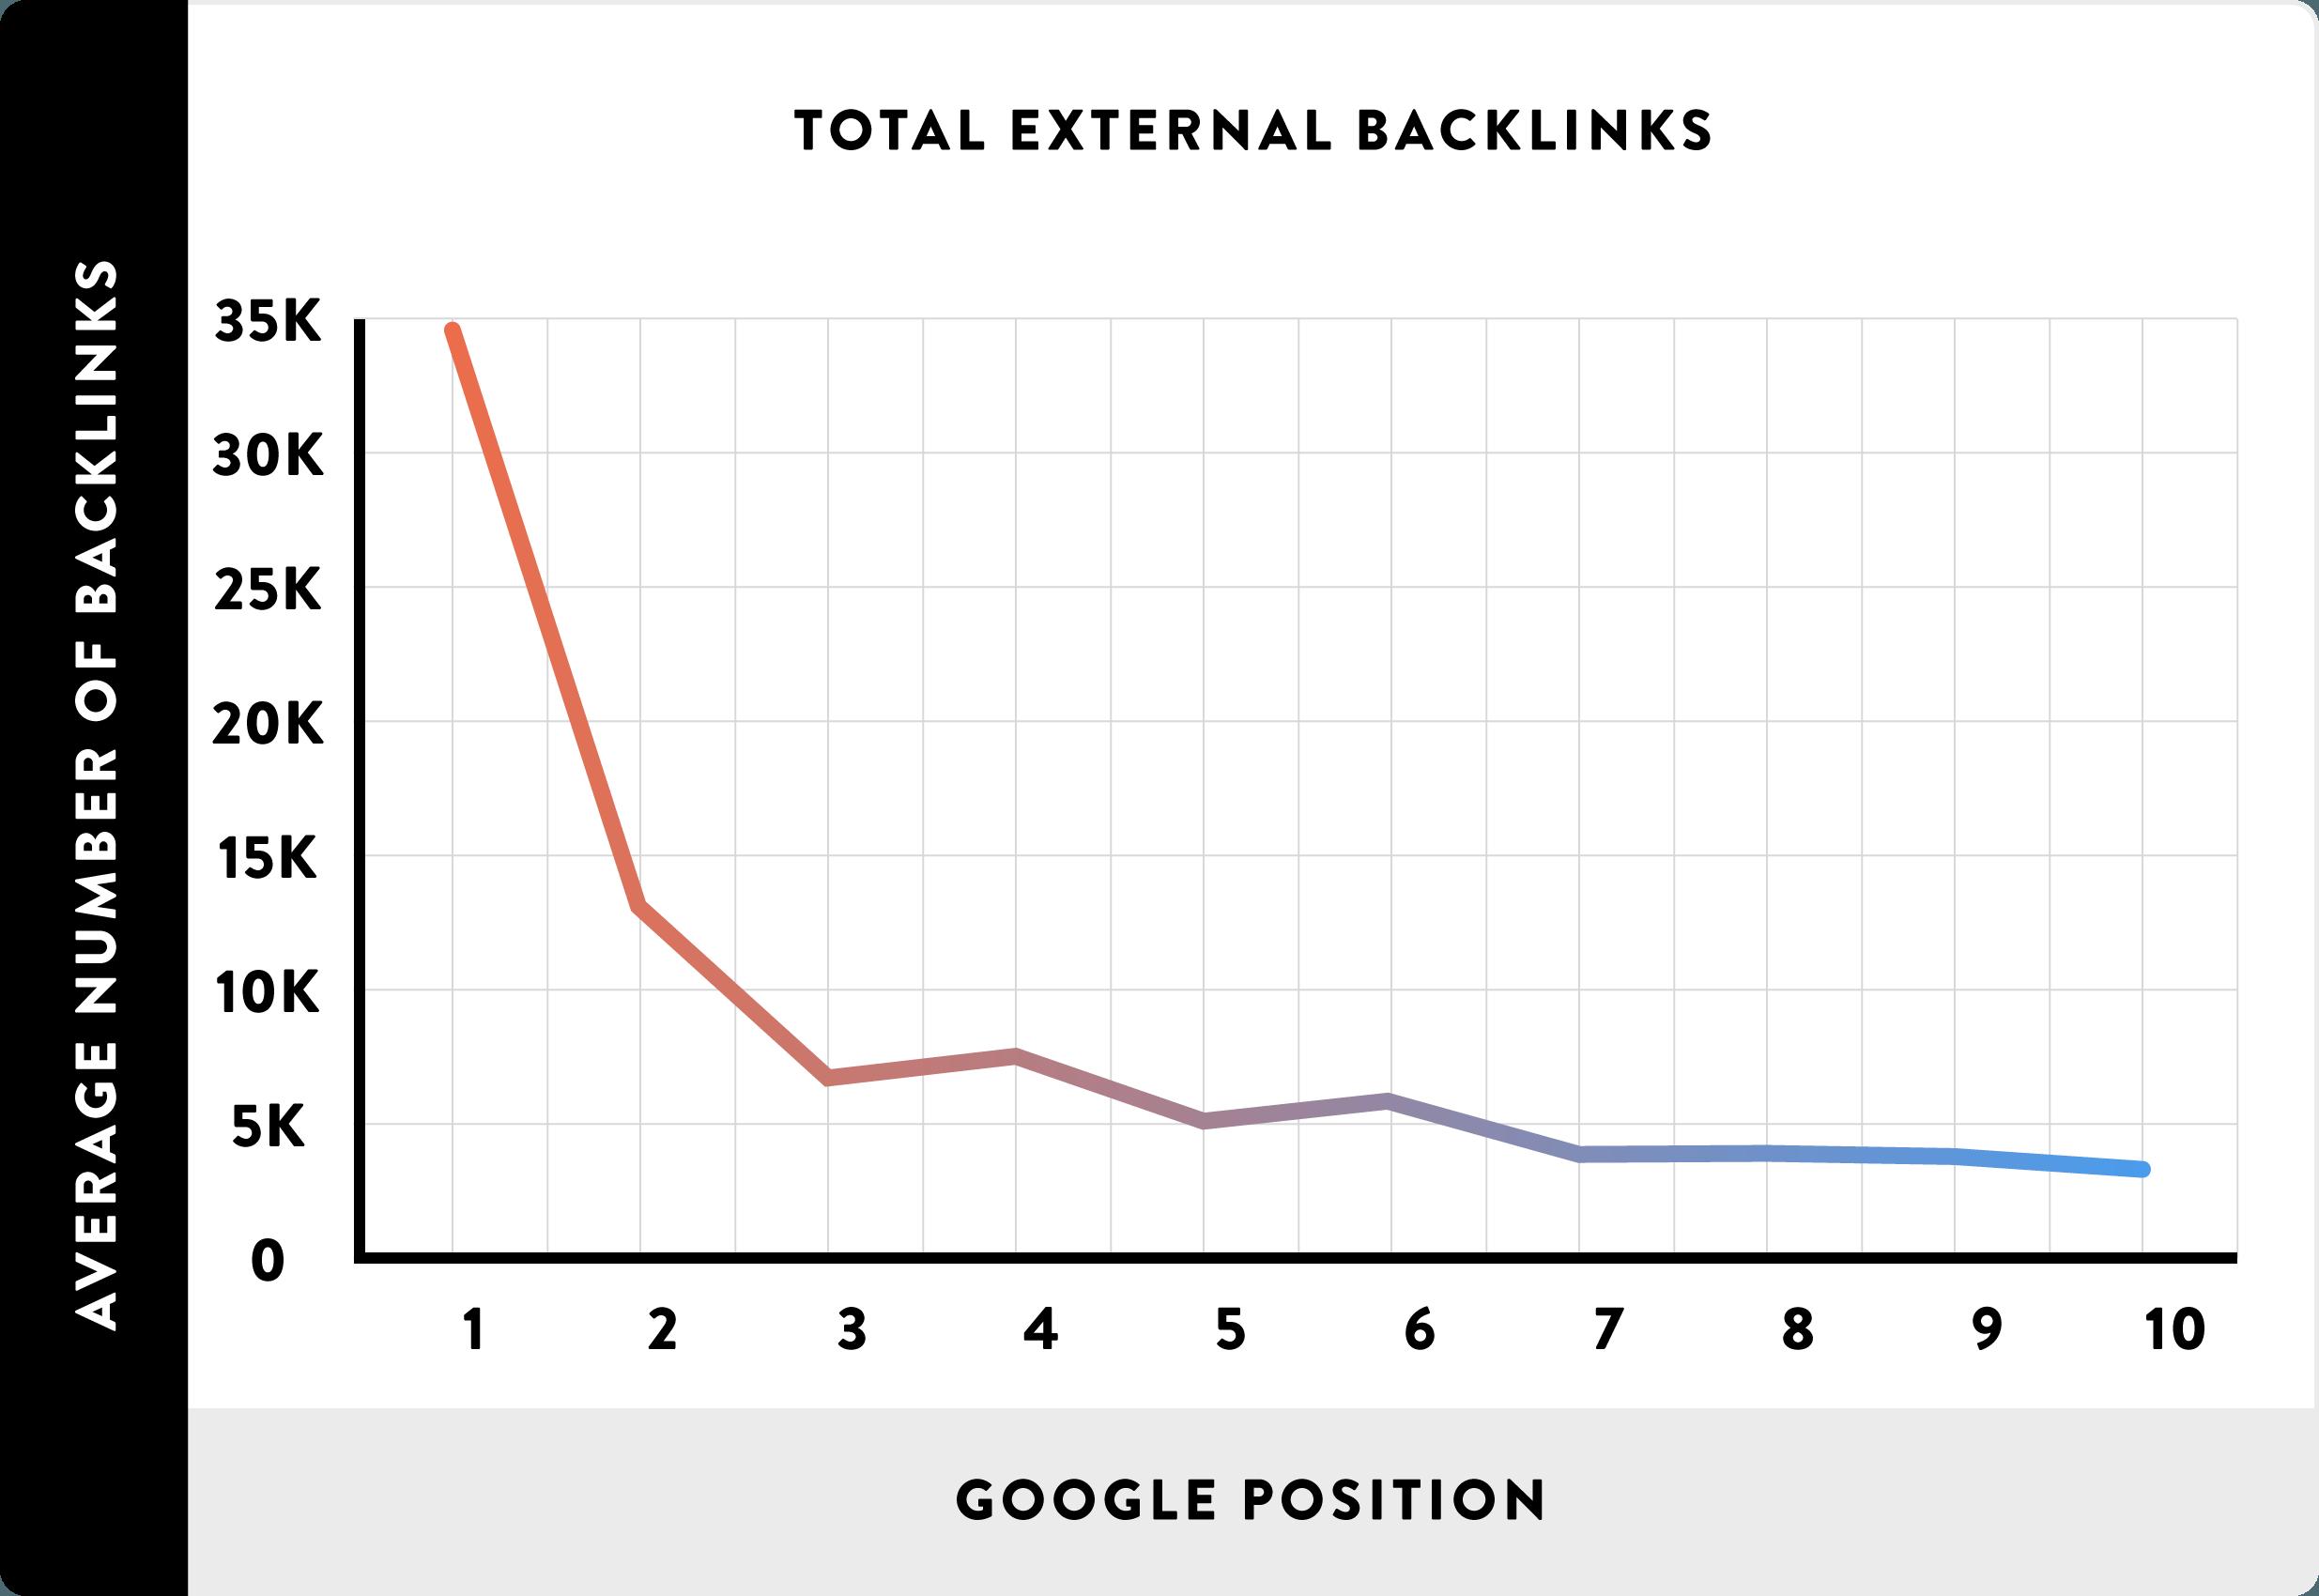 SERPs vs Backlinks